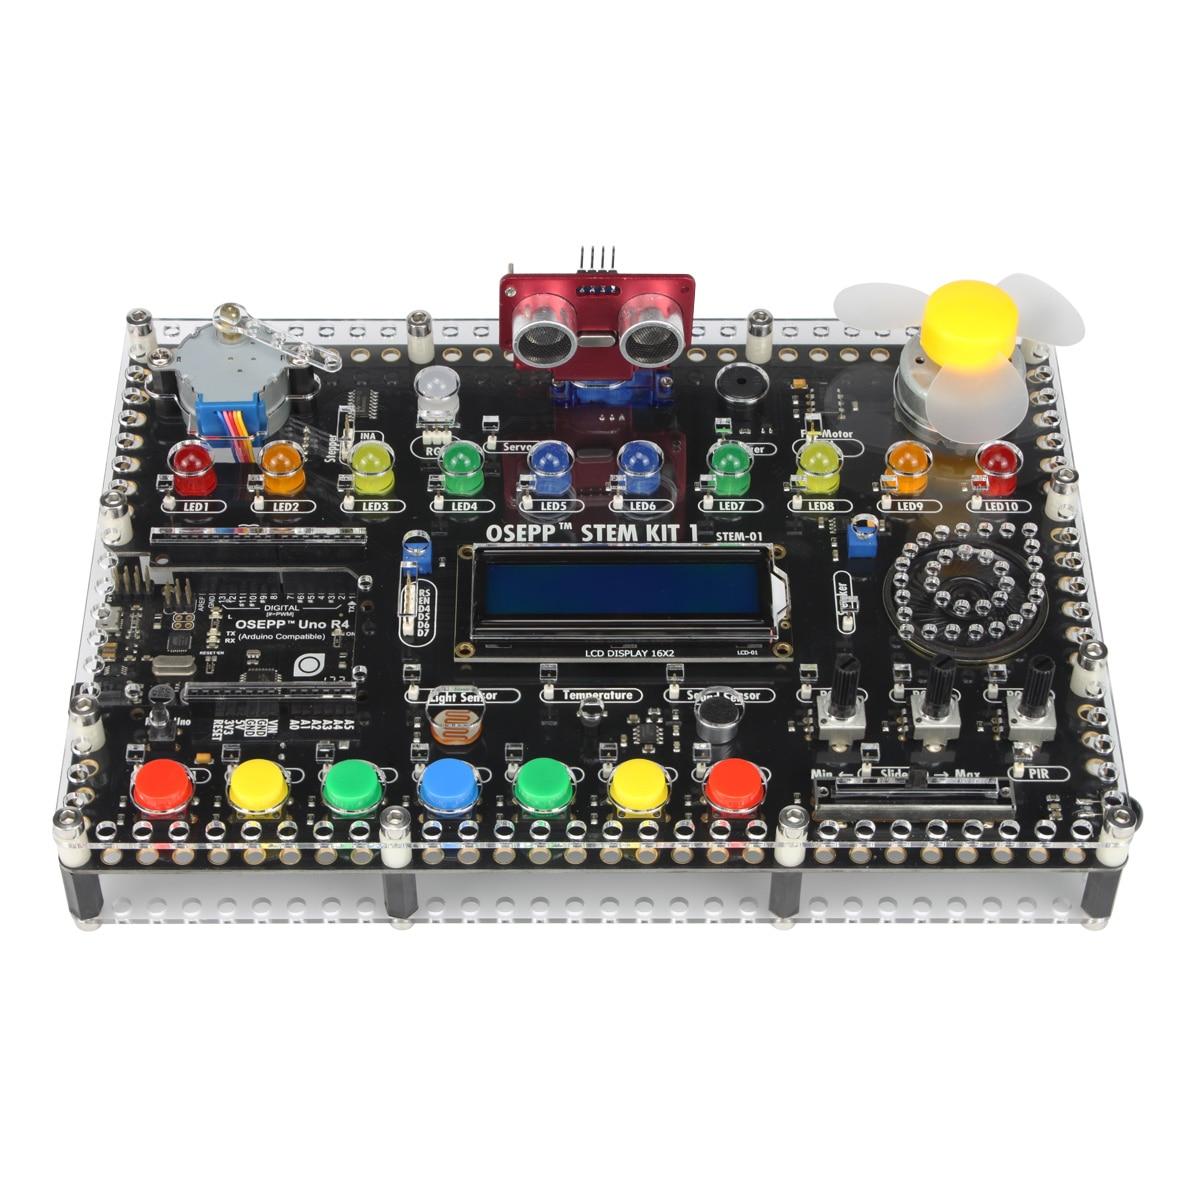 Osepp Stem Hub Alles In Een Geïntegreerde Ontwikkelomgeving-Arduino Start Kit Voor Programmering Elektronische Beginer 2